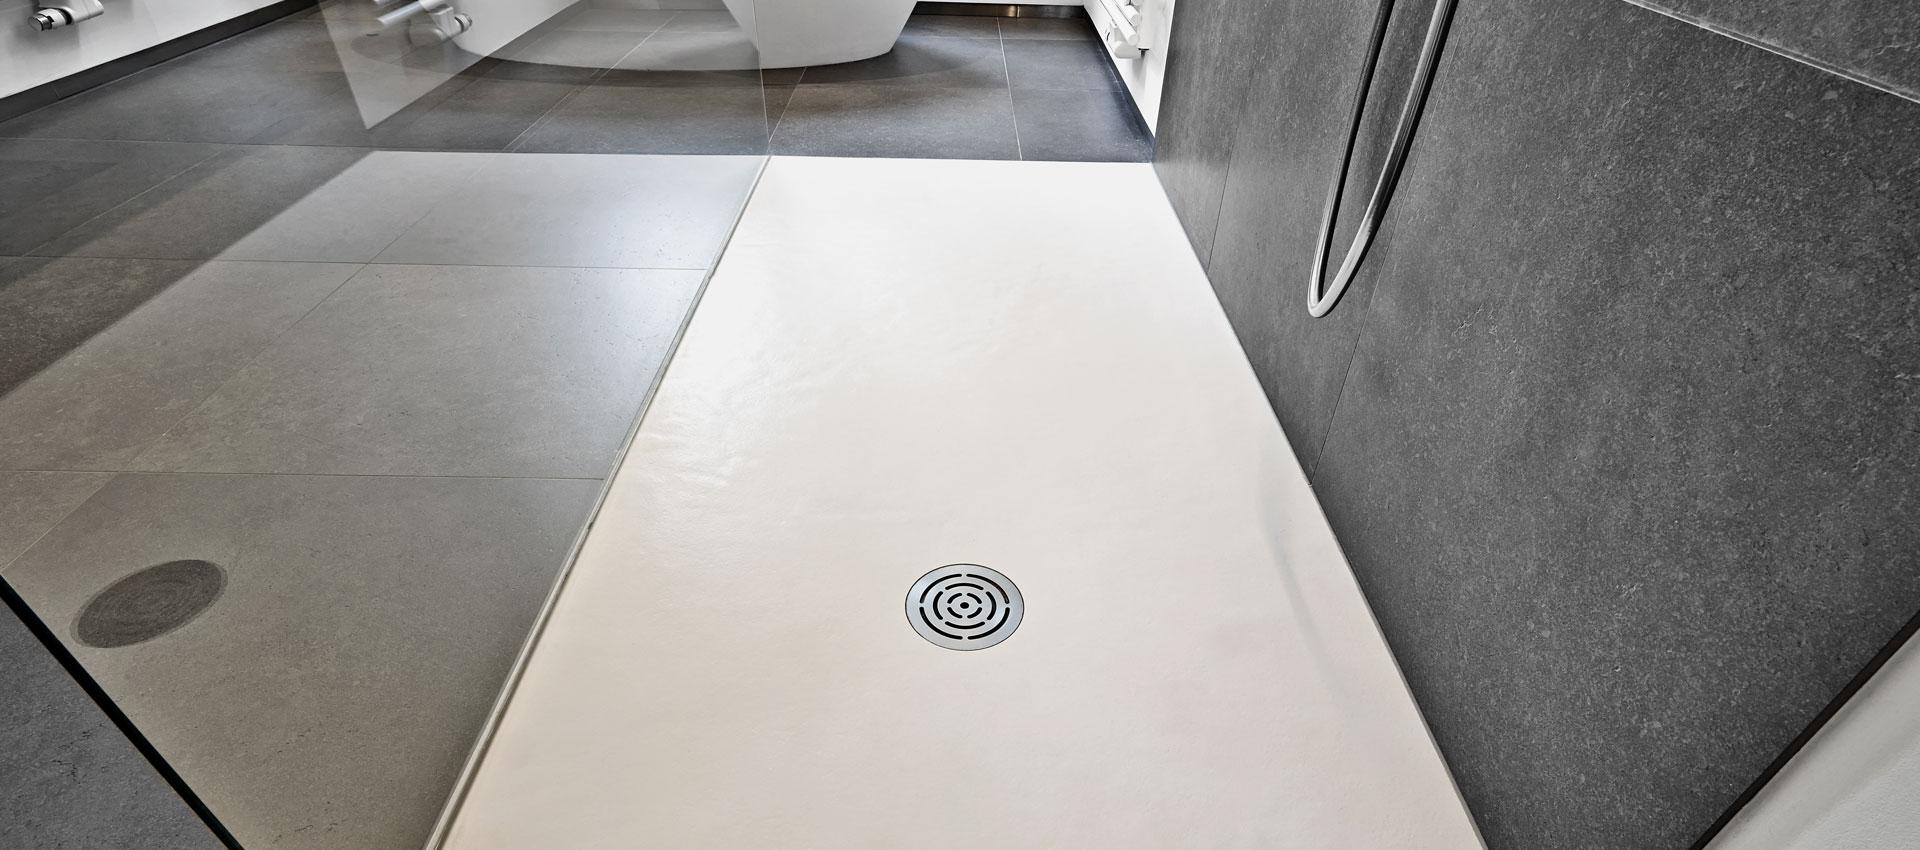 Abbildung einer begehbaren Dusche